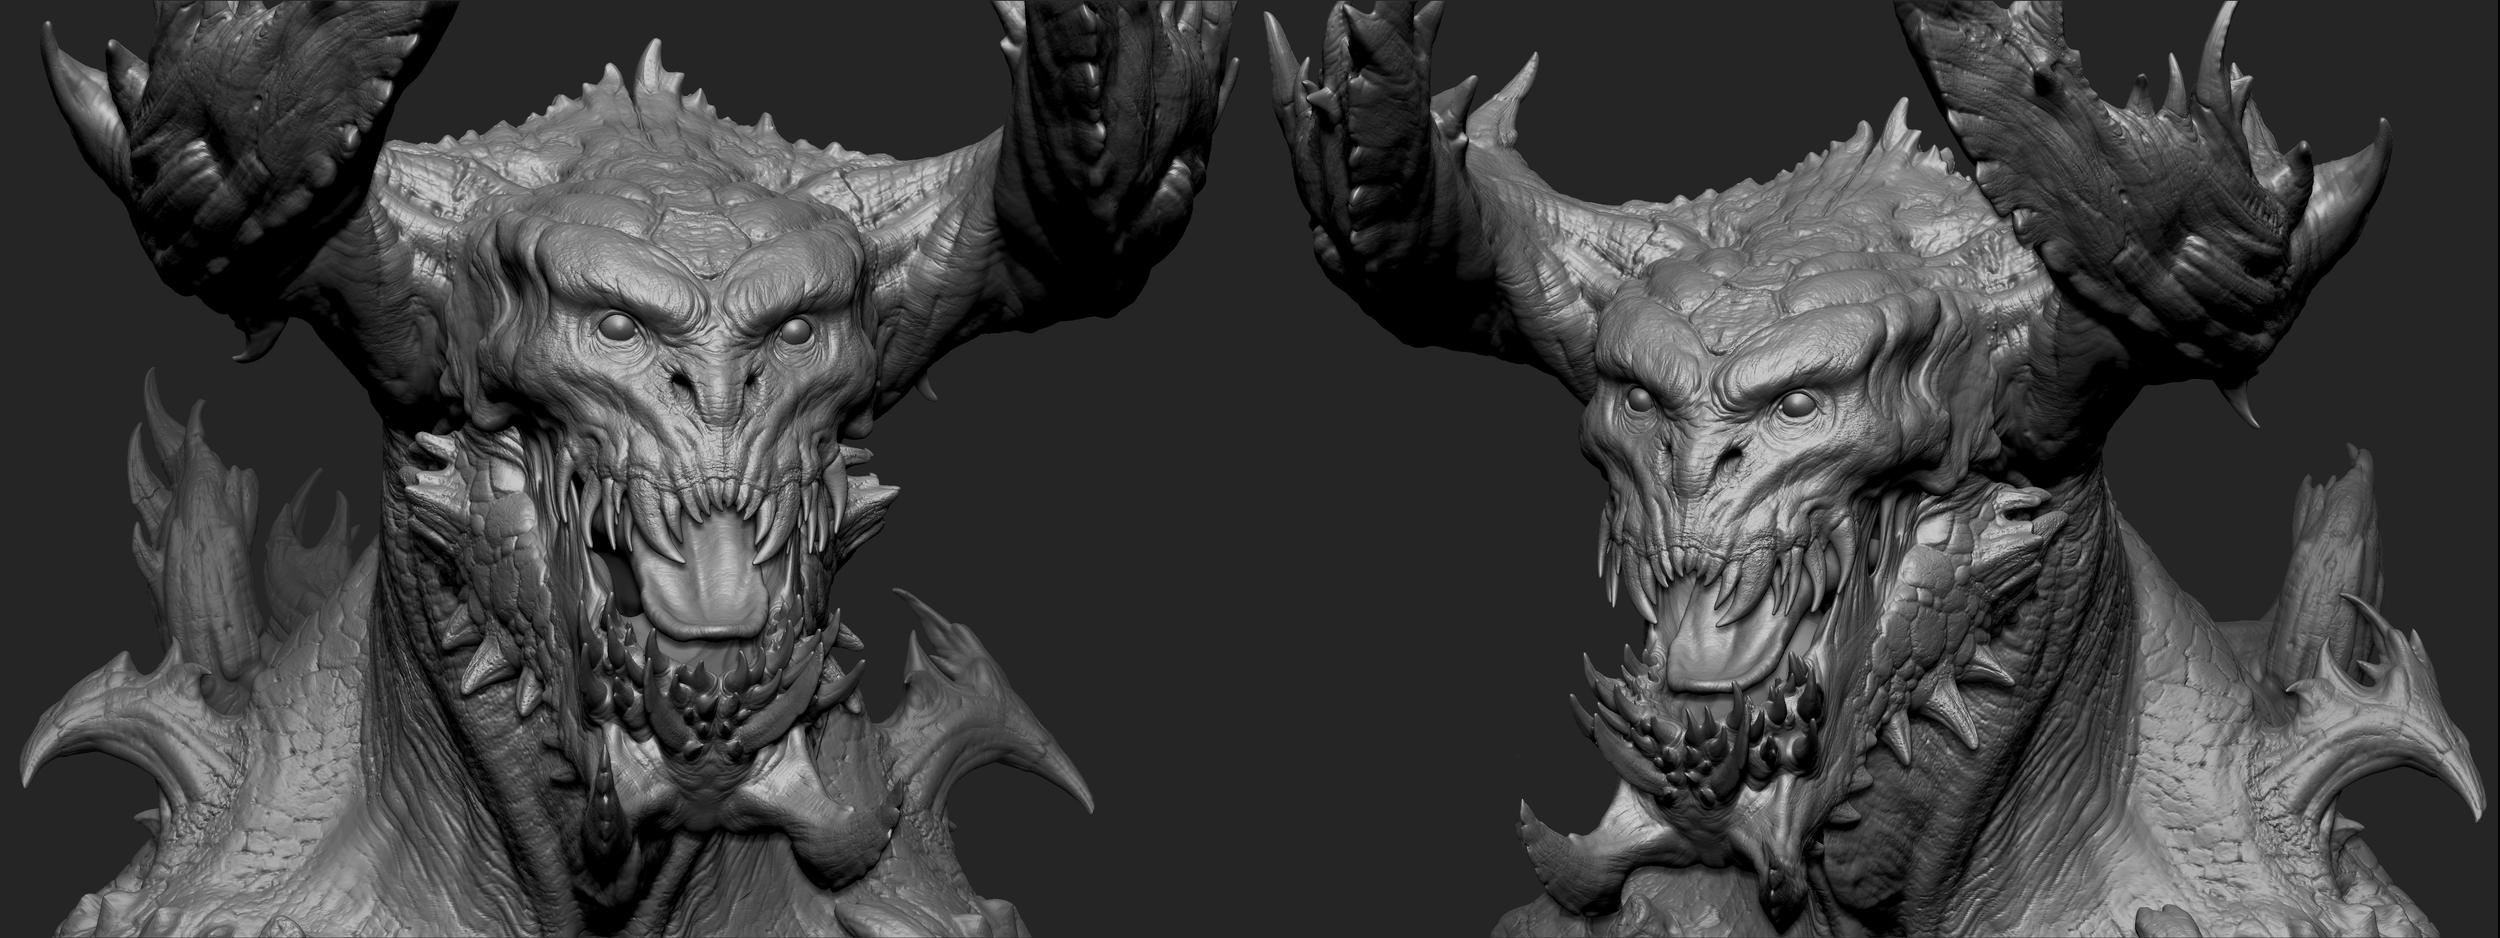 08_Demon_Sculpt.jpg